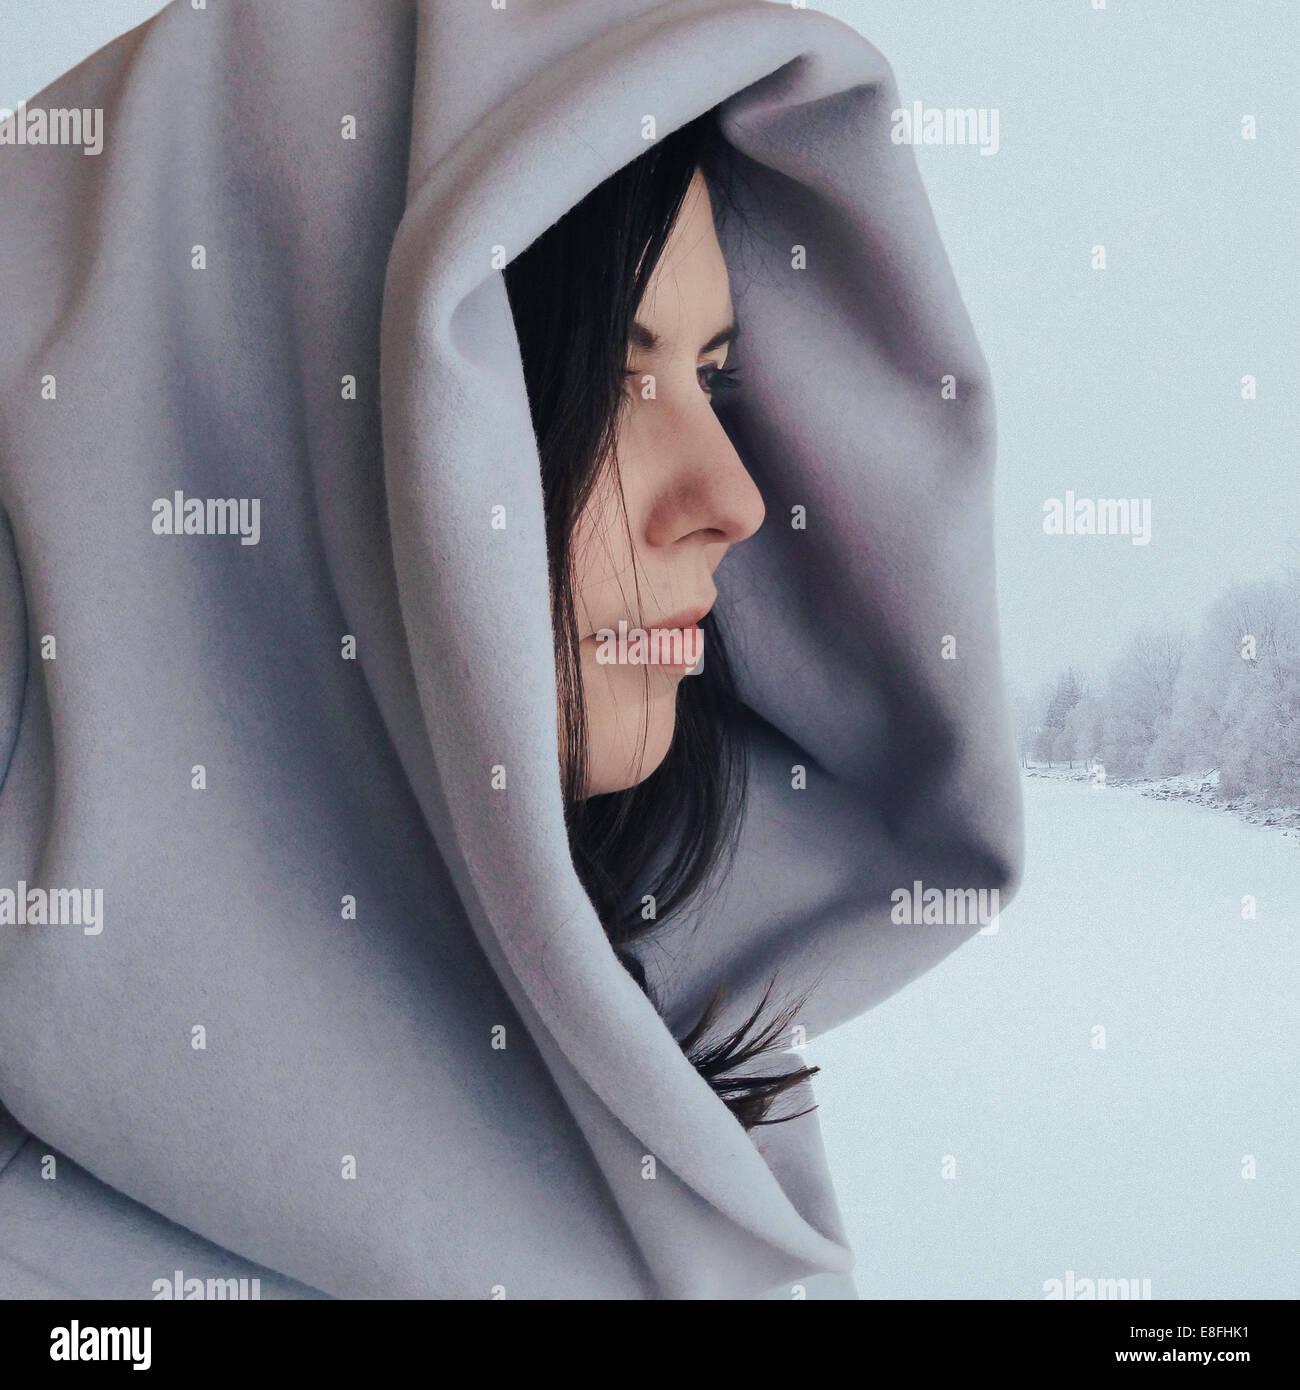 Ritratto di una donna che indossa un cappotto con cappuccio Immagini Stock